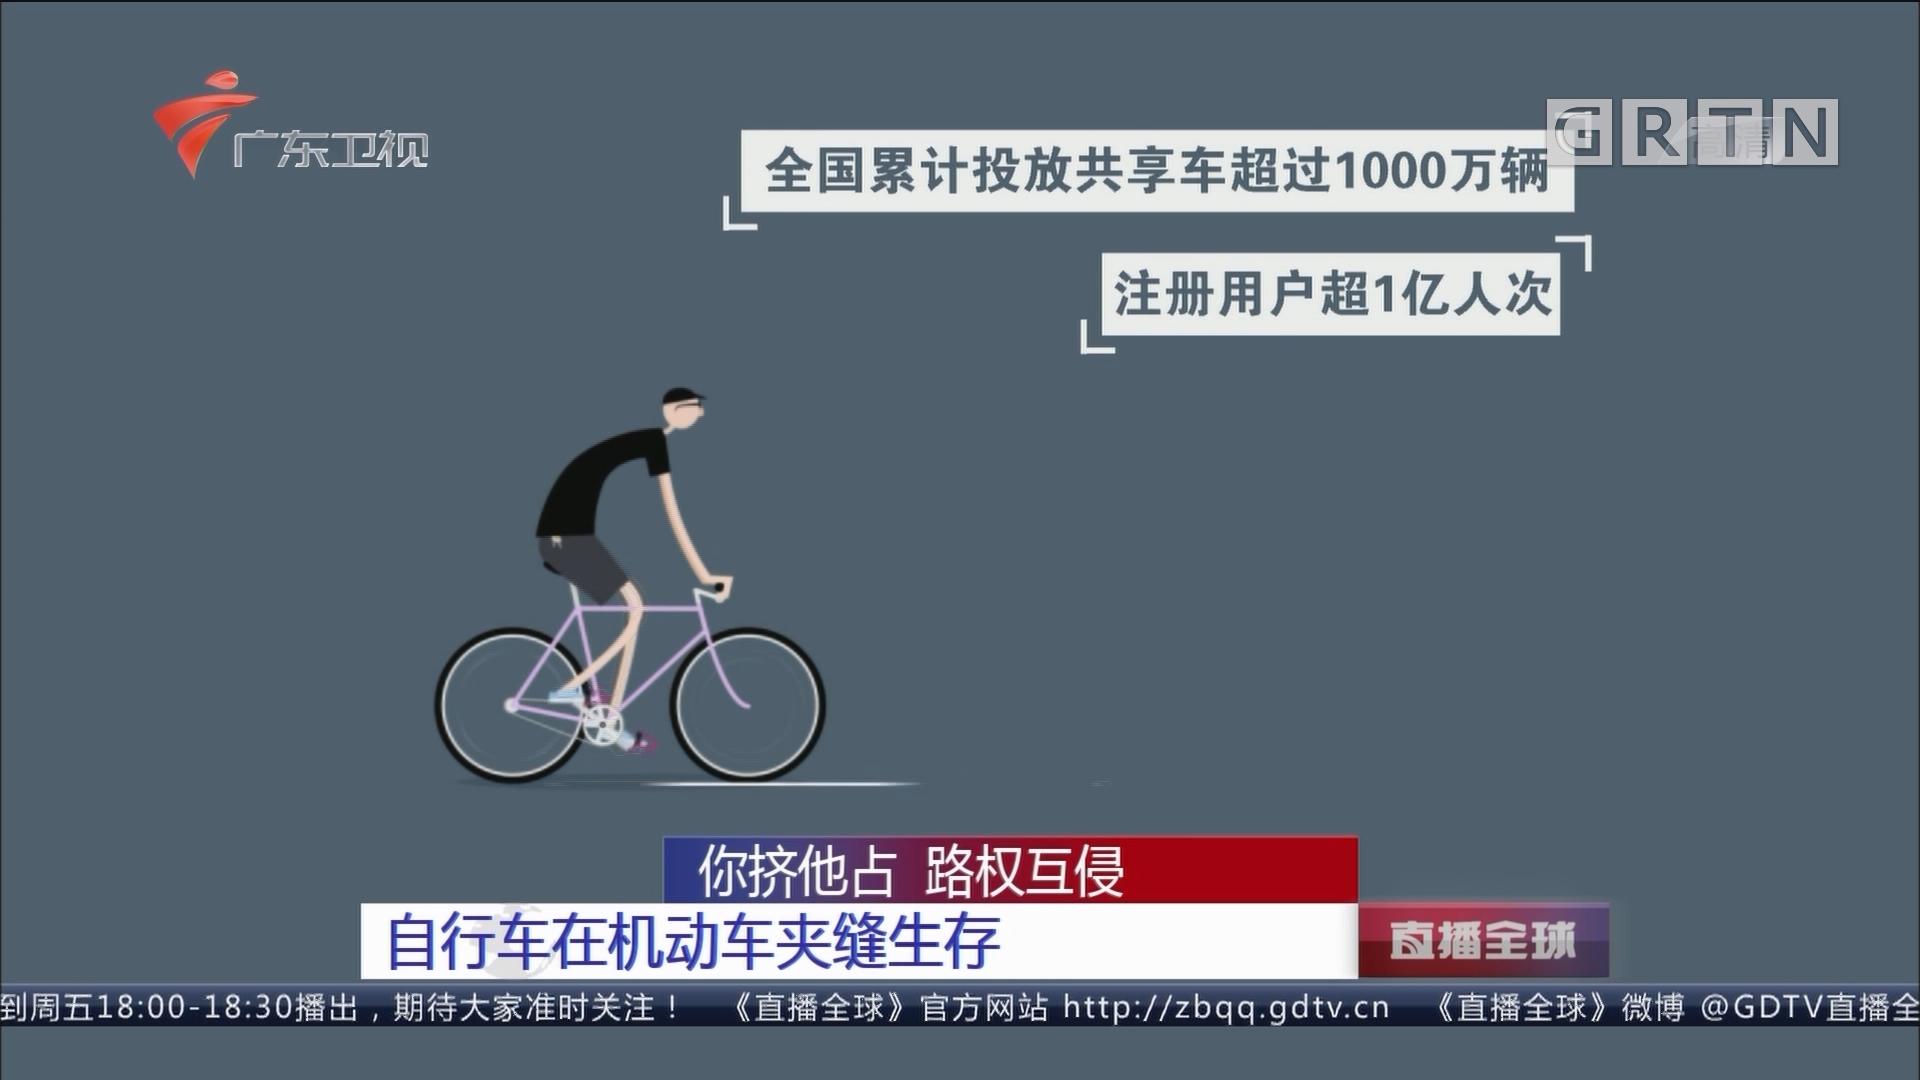 你挤他占 路权互侵:自行车在机动车夹缝生存